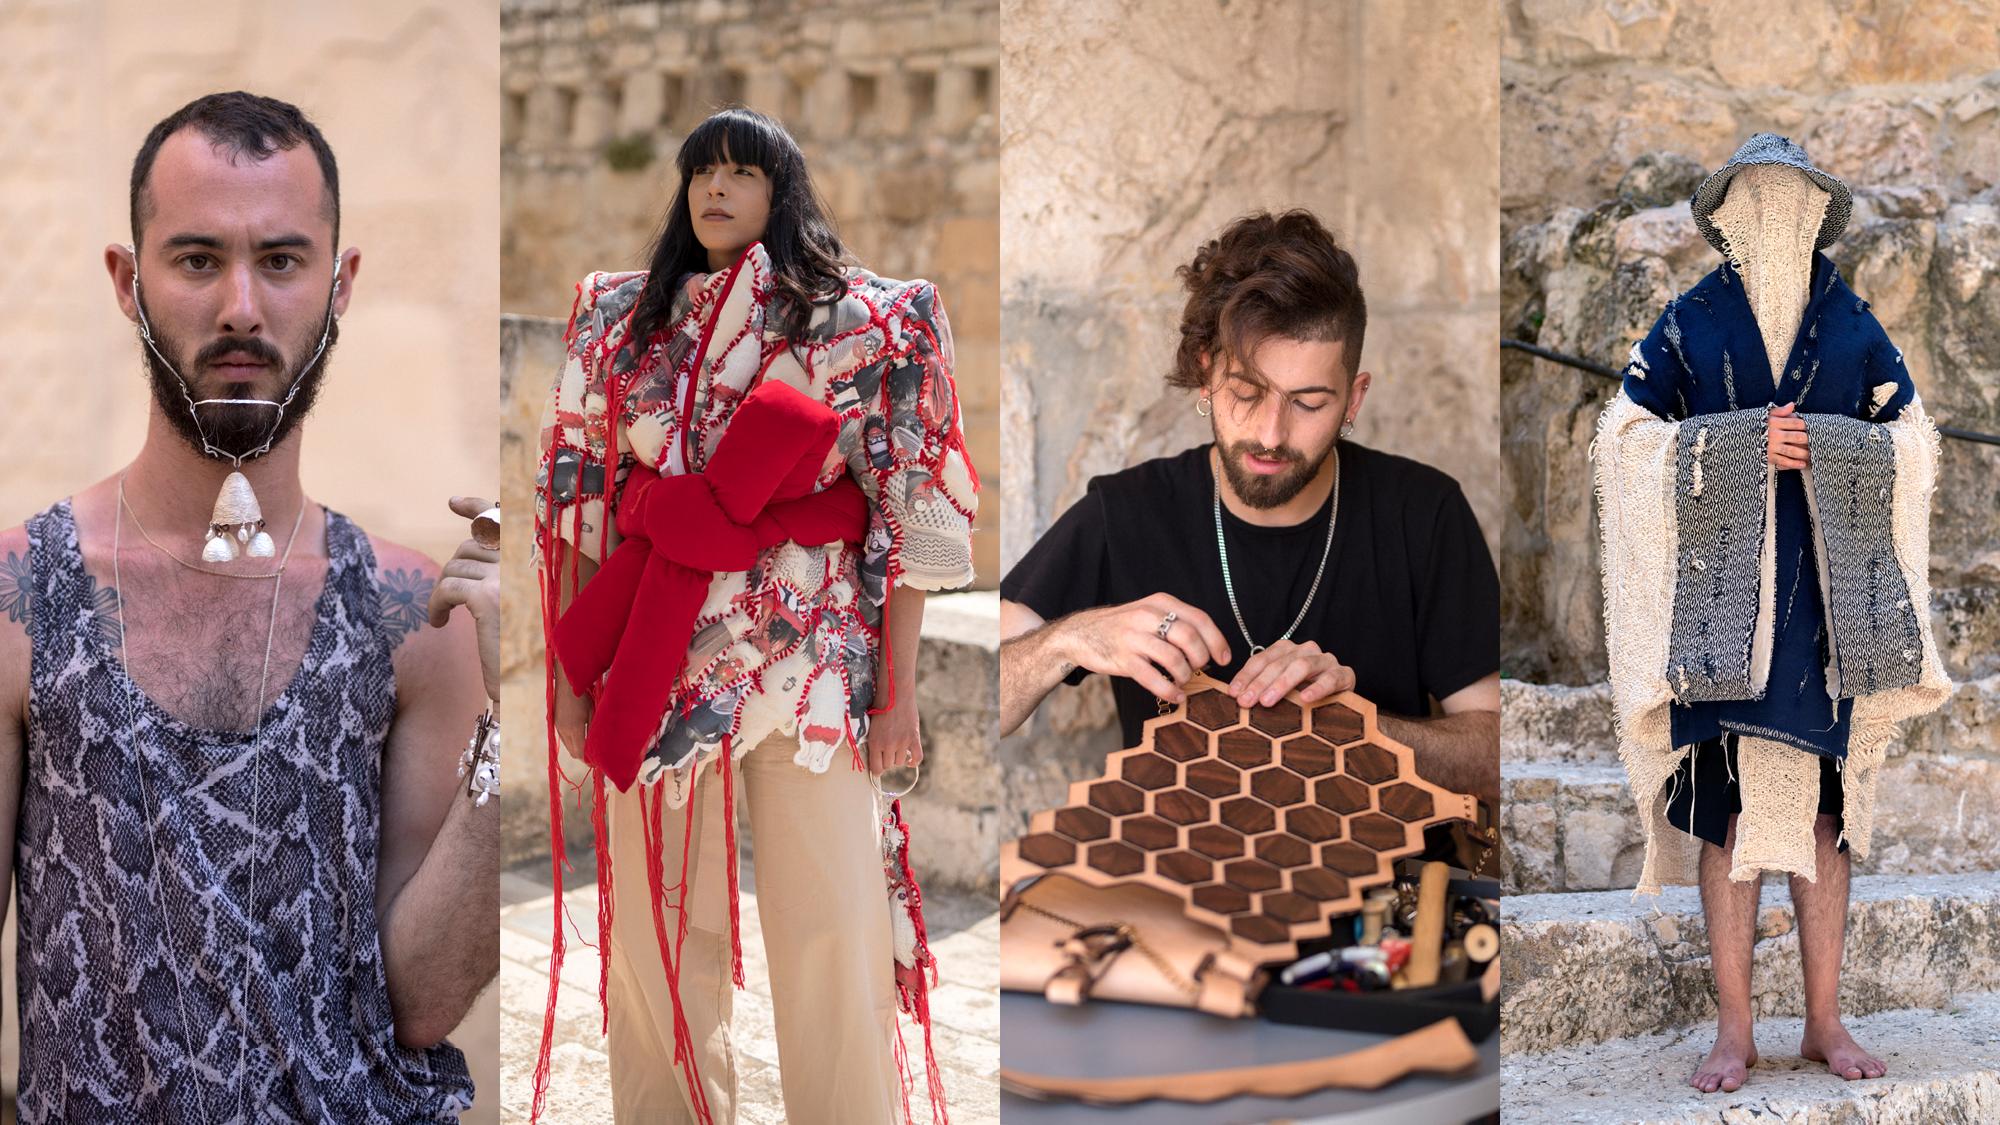 OVERALL לפסטיבל האופנה בירושלים. צילום: ריקי רחמן